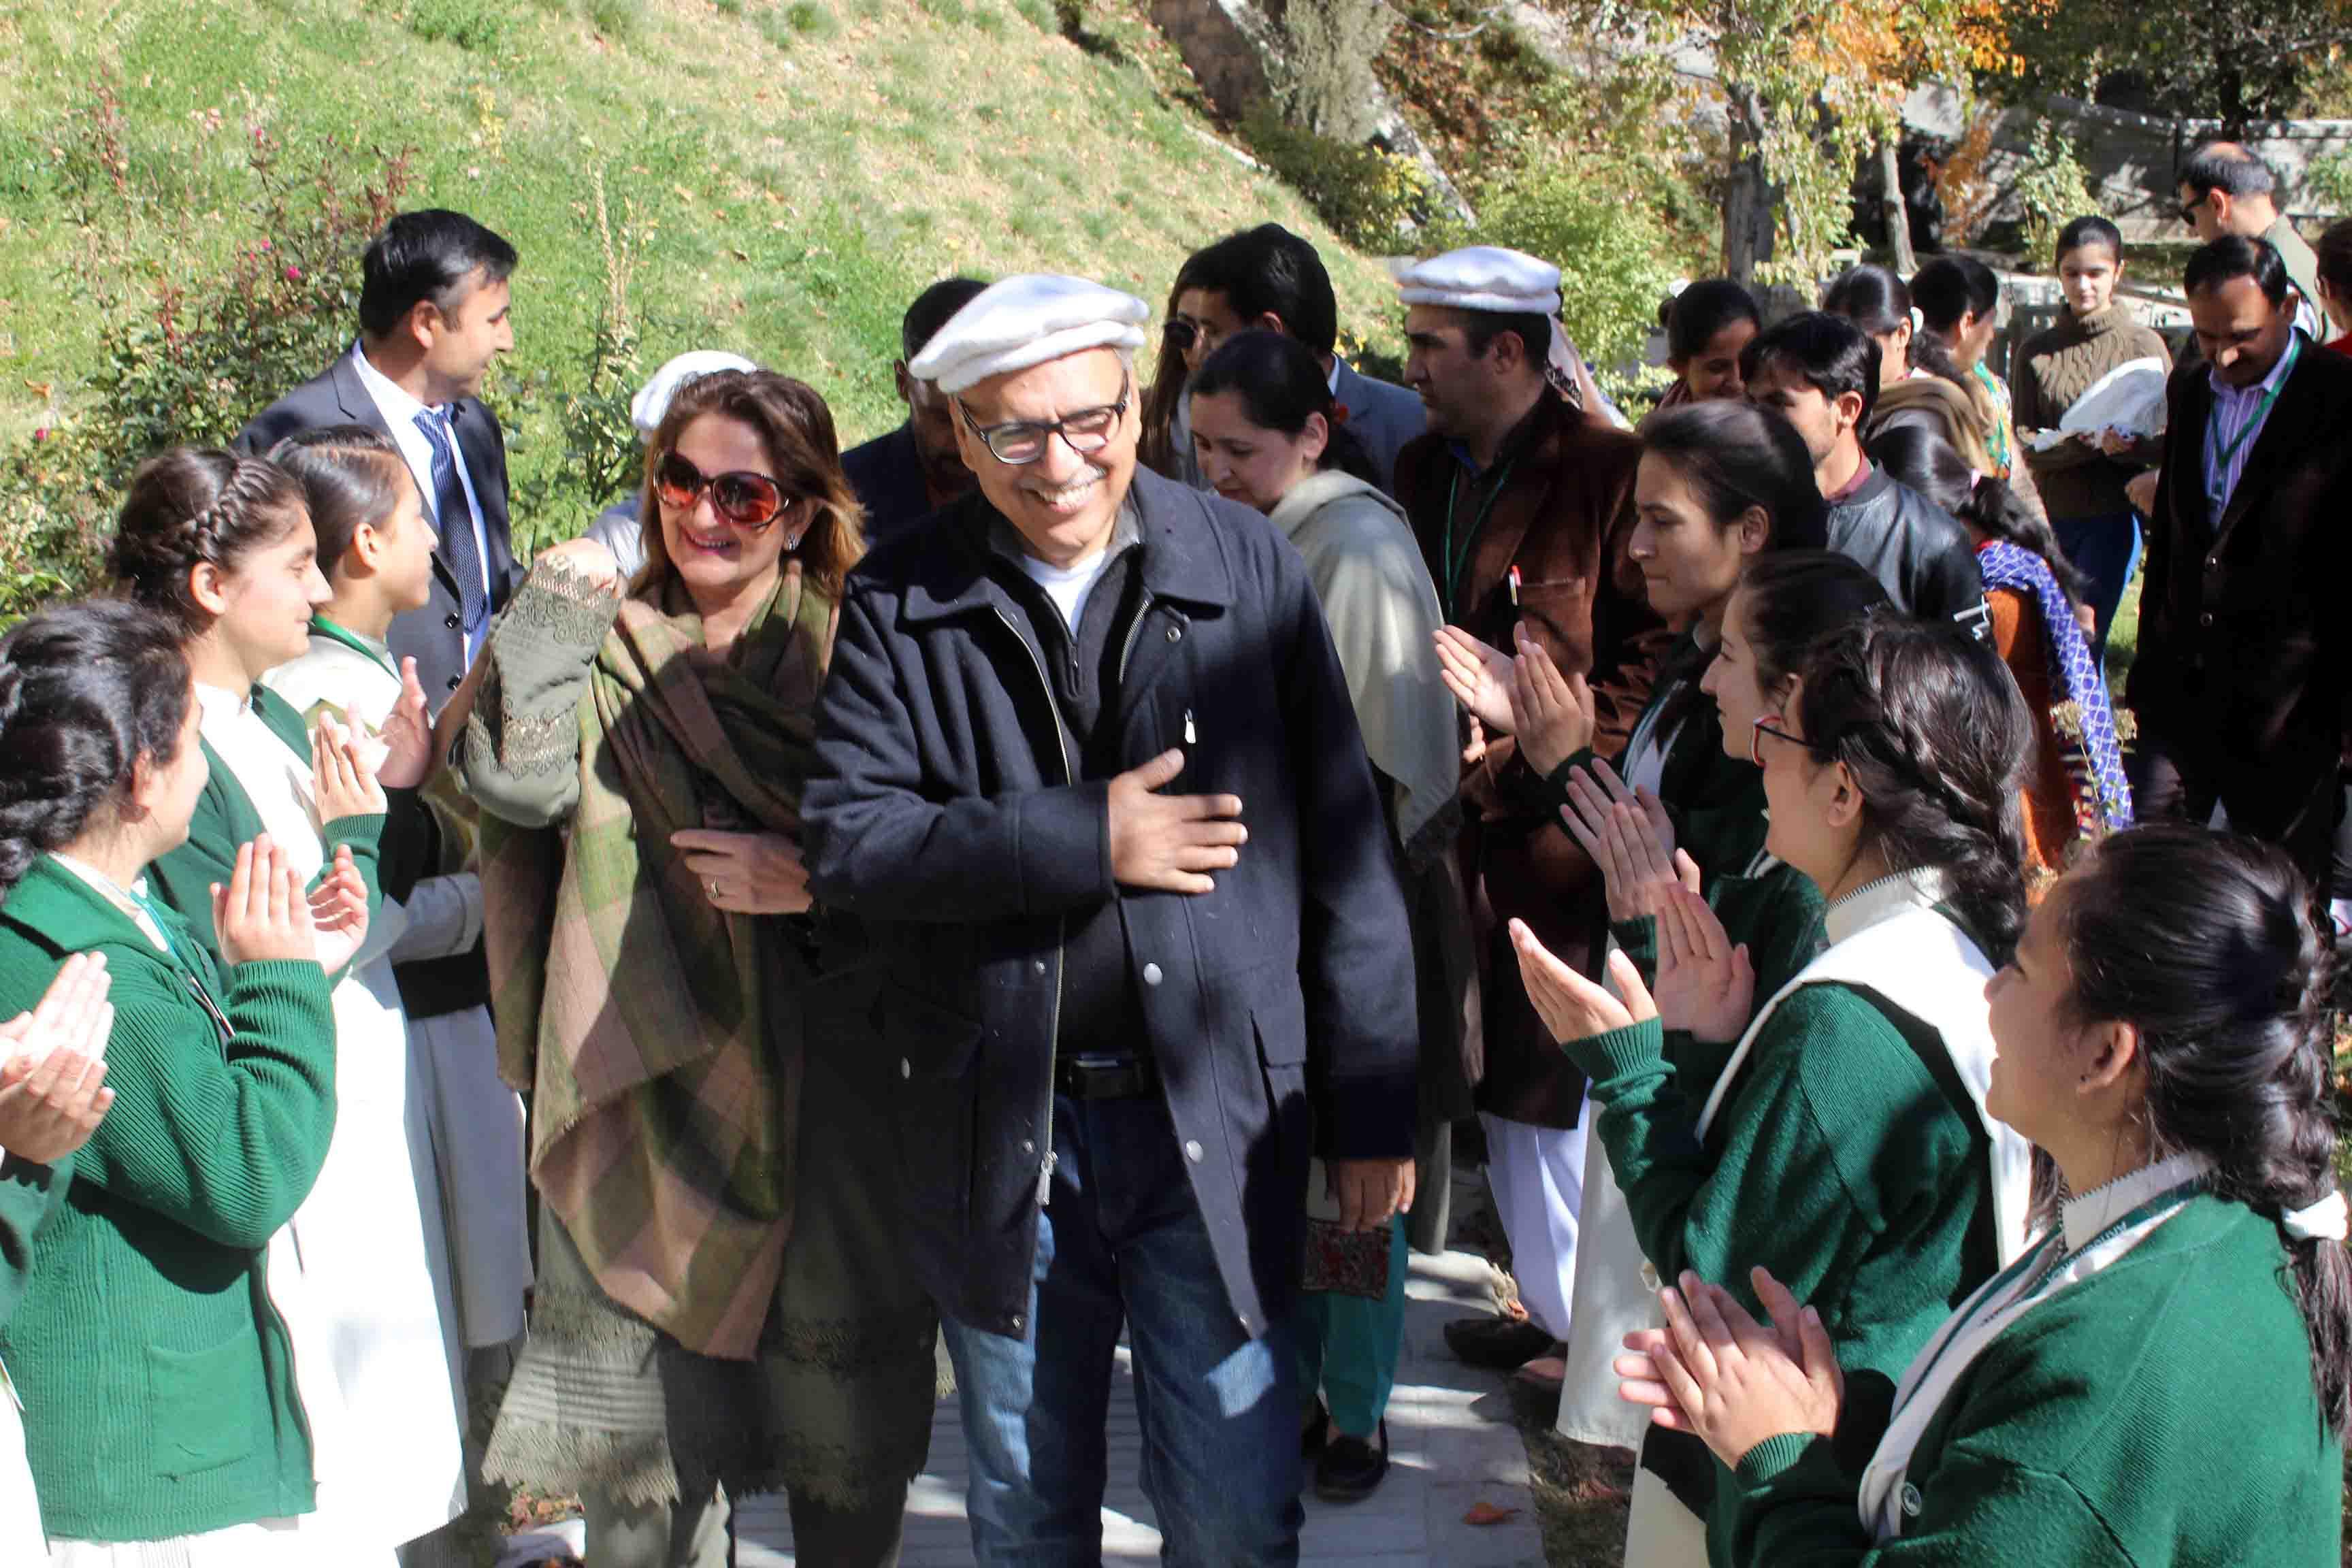 میری خواہش ہے کہ پاکستان کے دیگر اضلاع میںبھی ہنزہ جیسی شرحخواندگی ہو، صدر مملکت ڈاکٹر عارف علوی